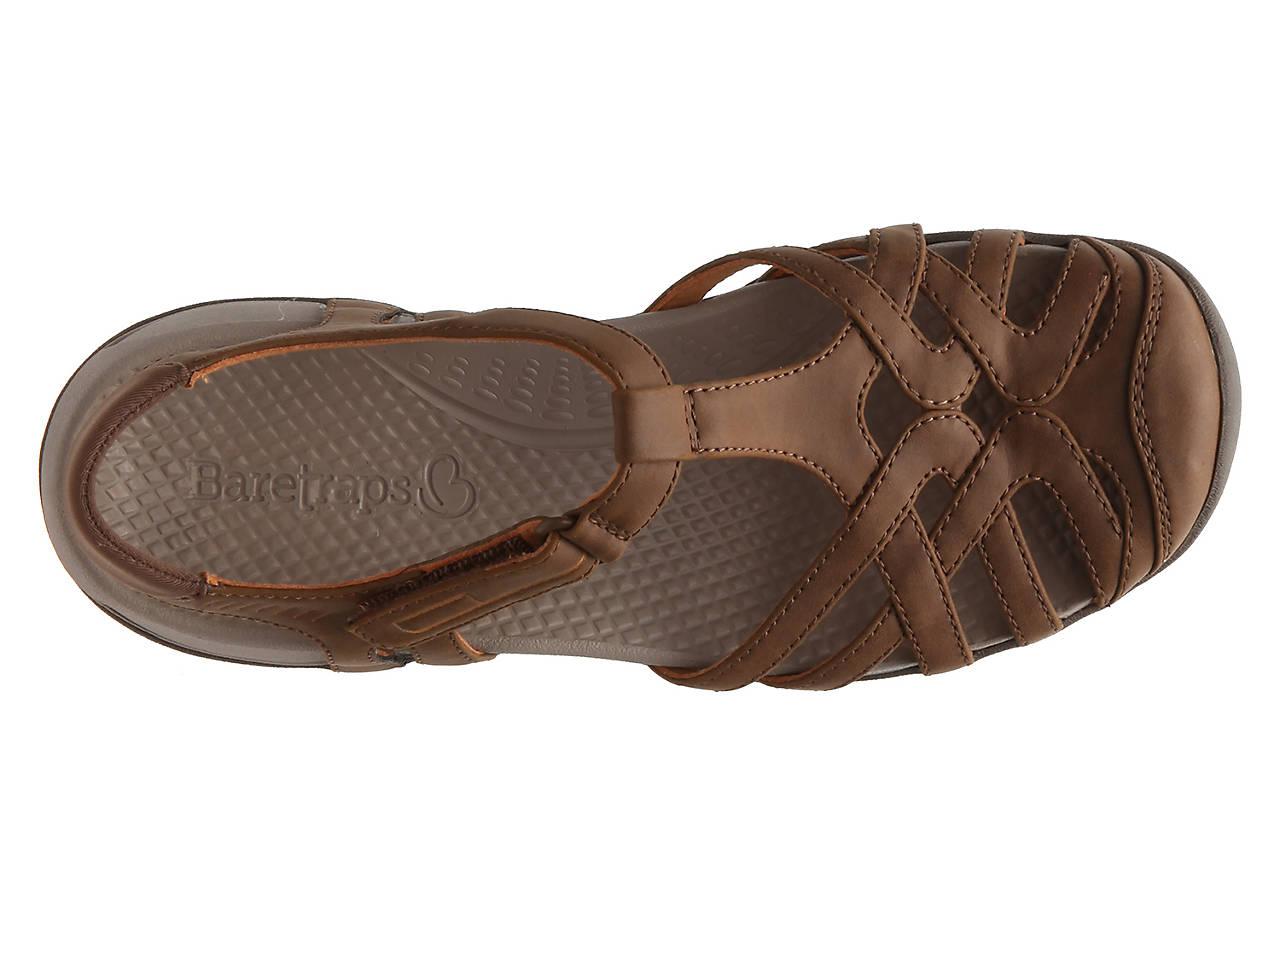 6a88378ddf2b Bare Traps Feena Sport Sandal Women s Shoes